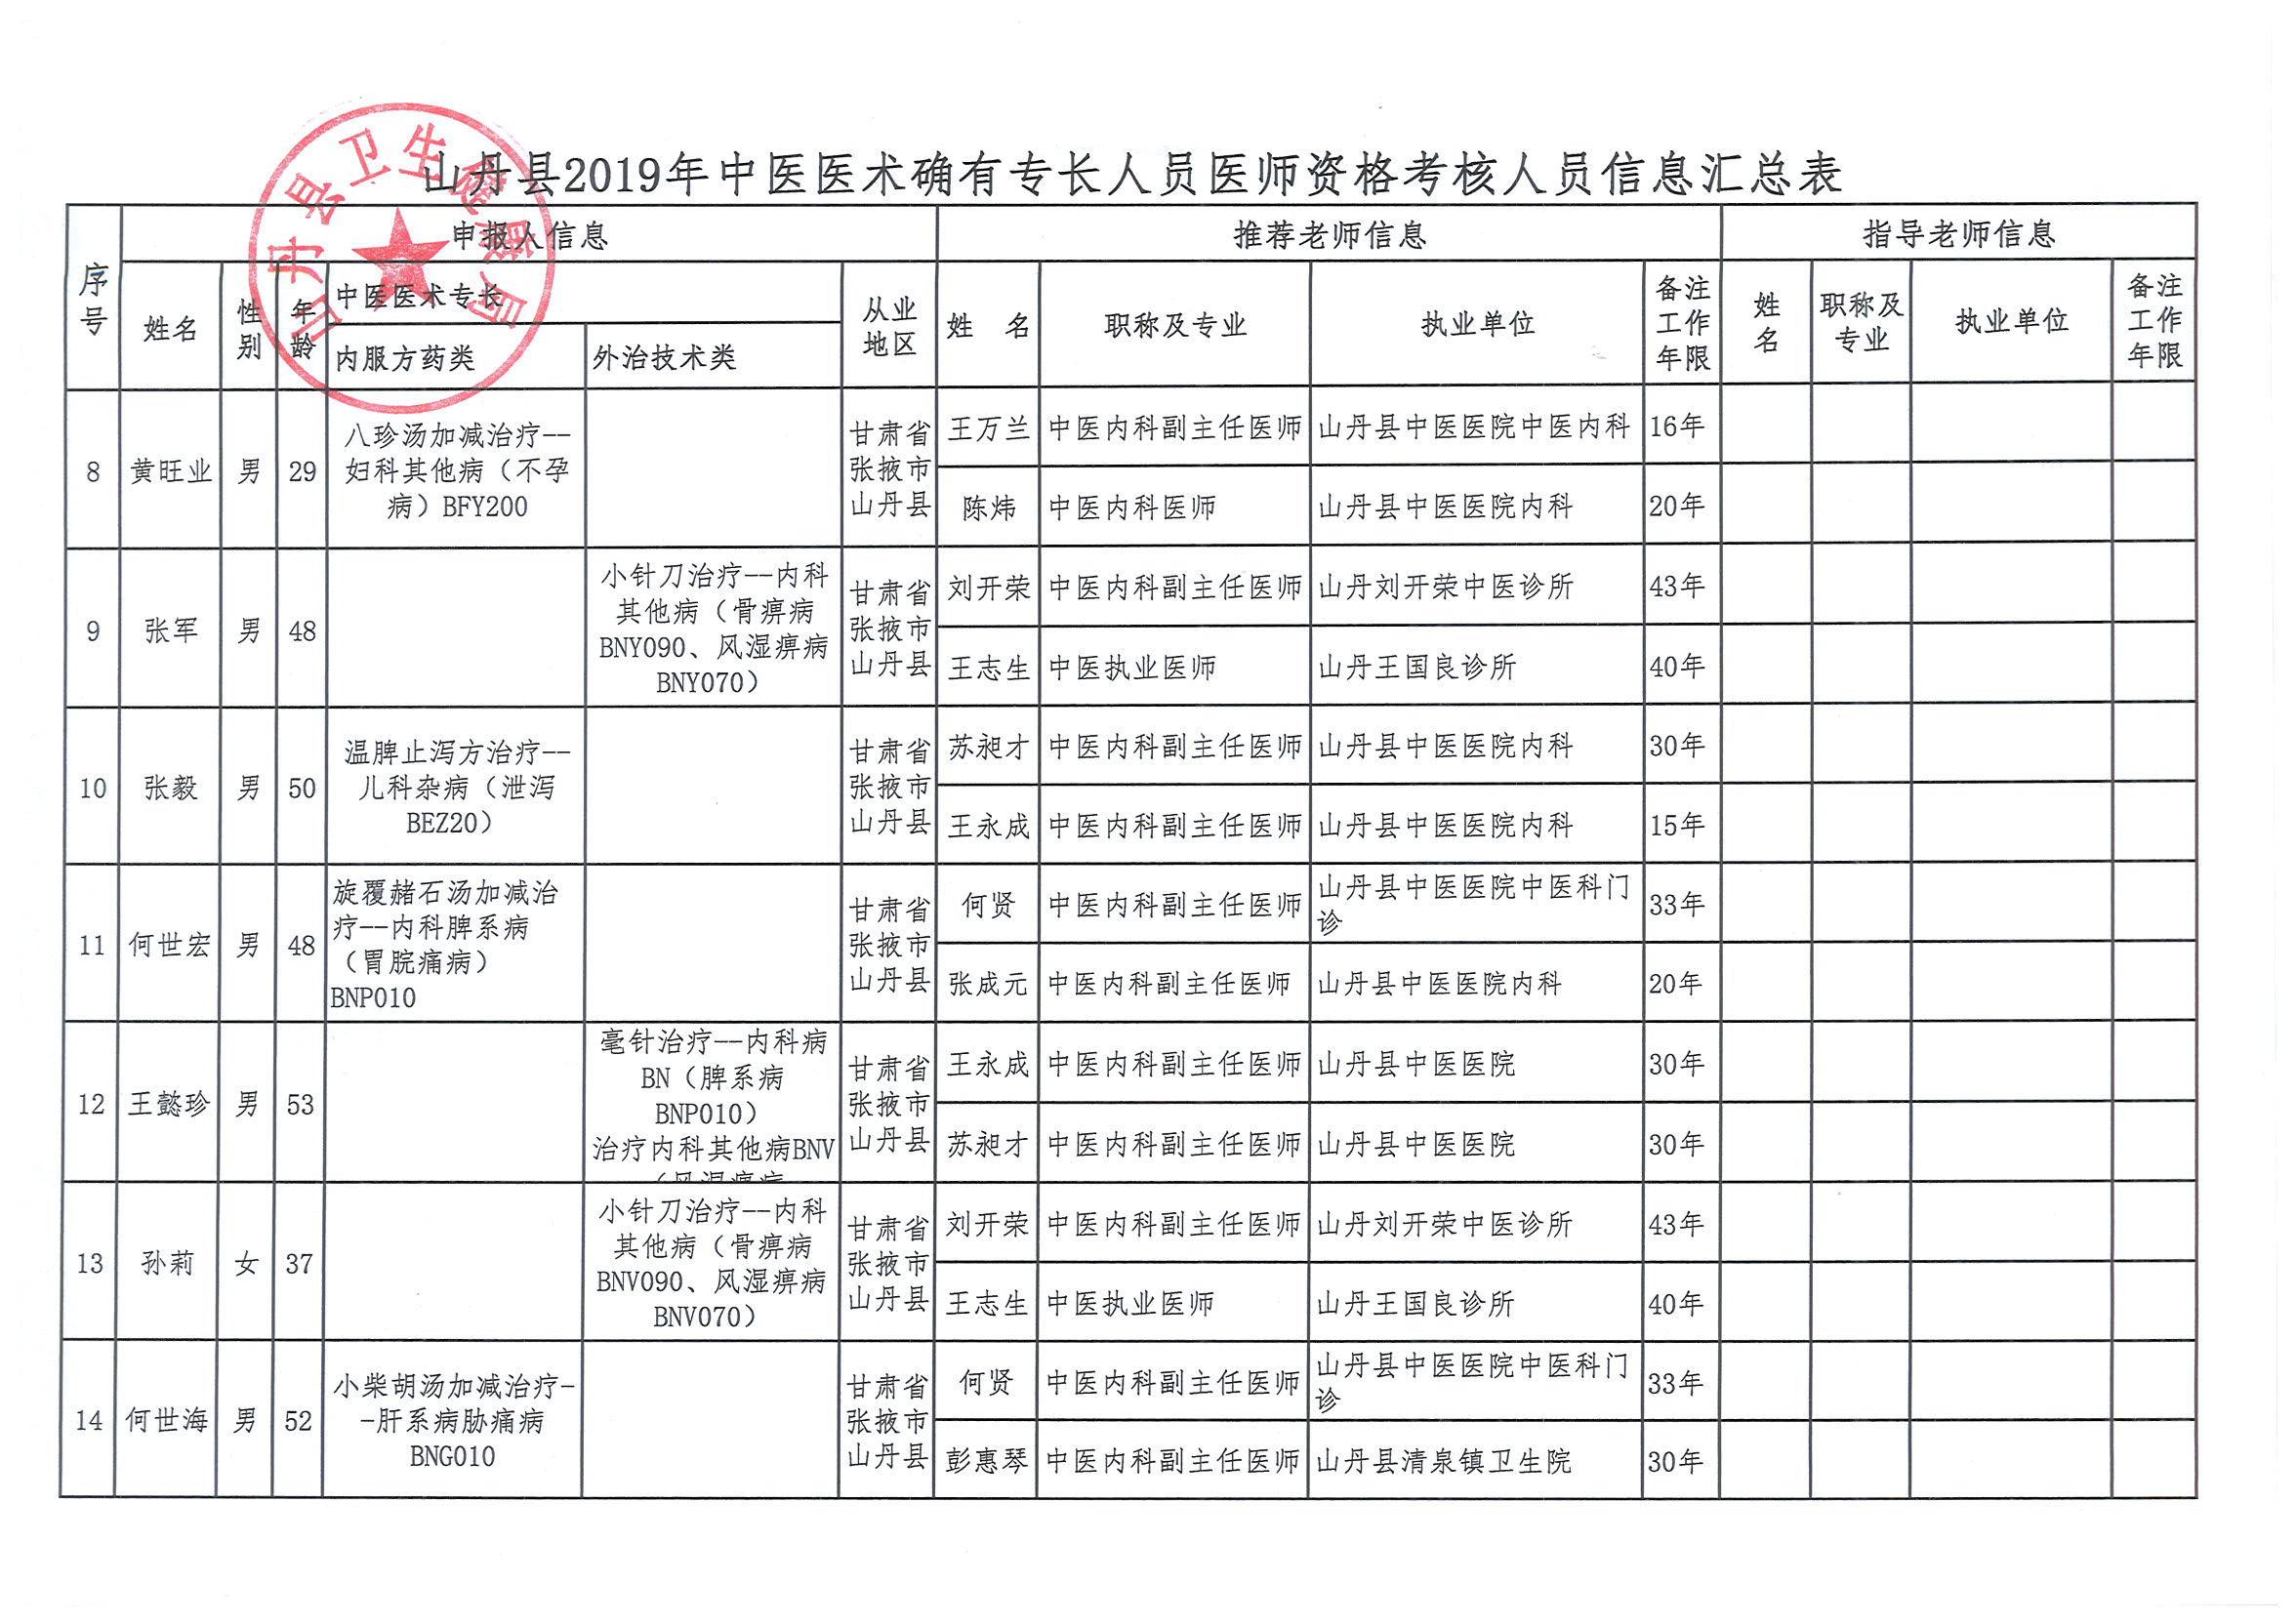 2019年山丹县中医医术确有专长人员医师资格考试初审合格人员信息(2)